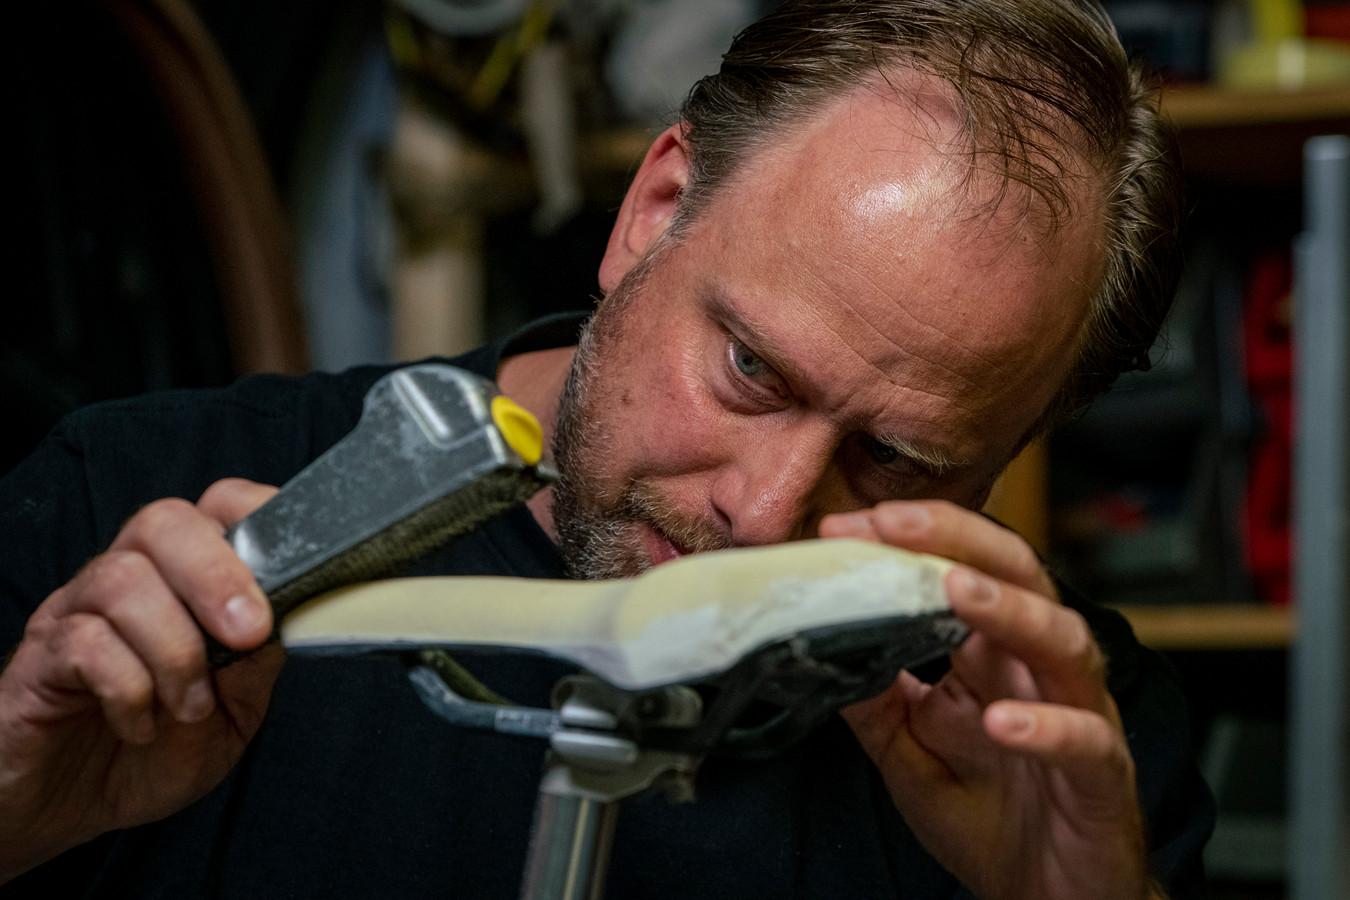 Piet van der Velde, oprichter van Ere Research, maakt zadels voor de top van de wielerwereld. Zijn zadels hebben vele wielerkampioenen ondersteund.